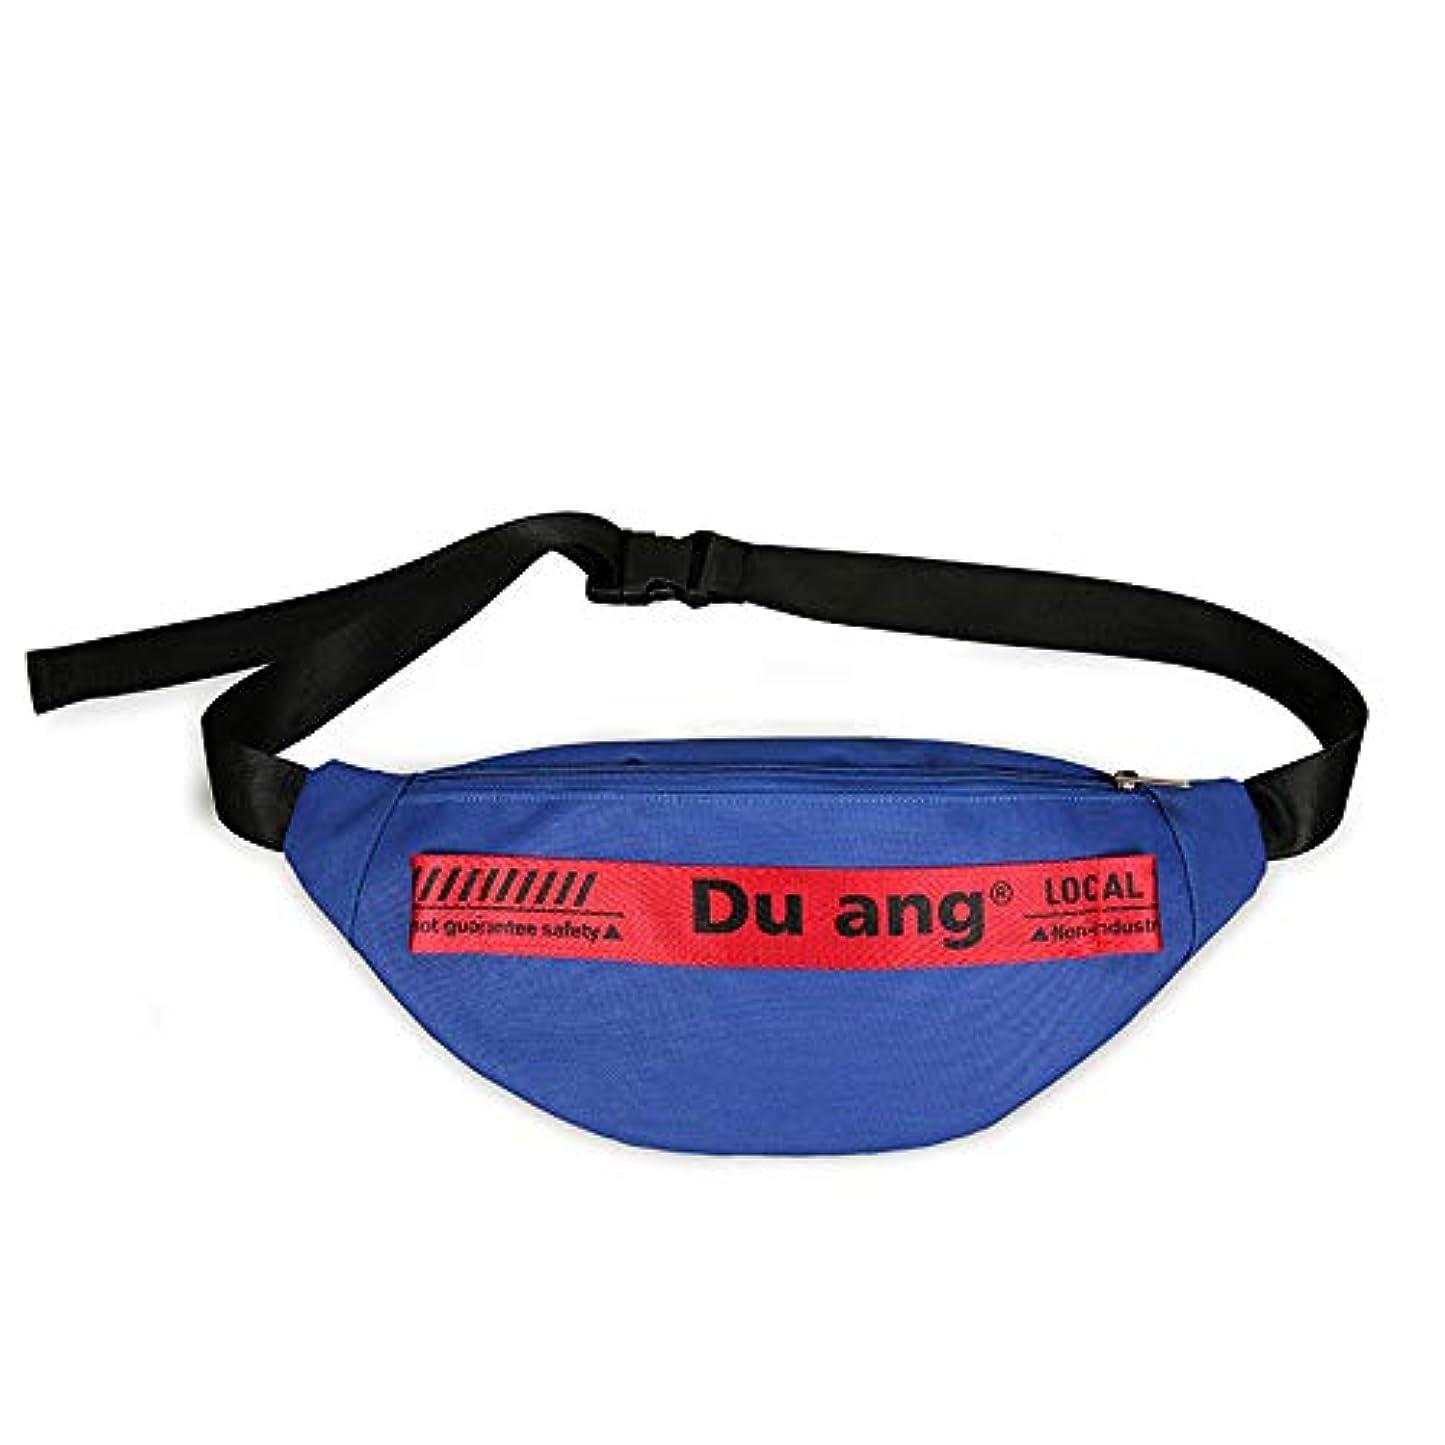 魅力的安価な反発するお尻バッグ、PU防水ジップポケット旅行ハイキングアウトドアスポーツホリデーショッピングお金ヒップポーチパック